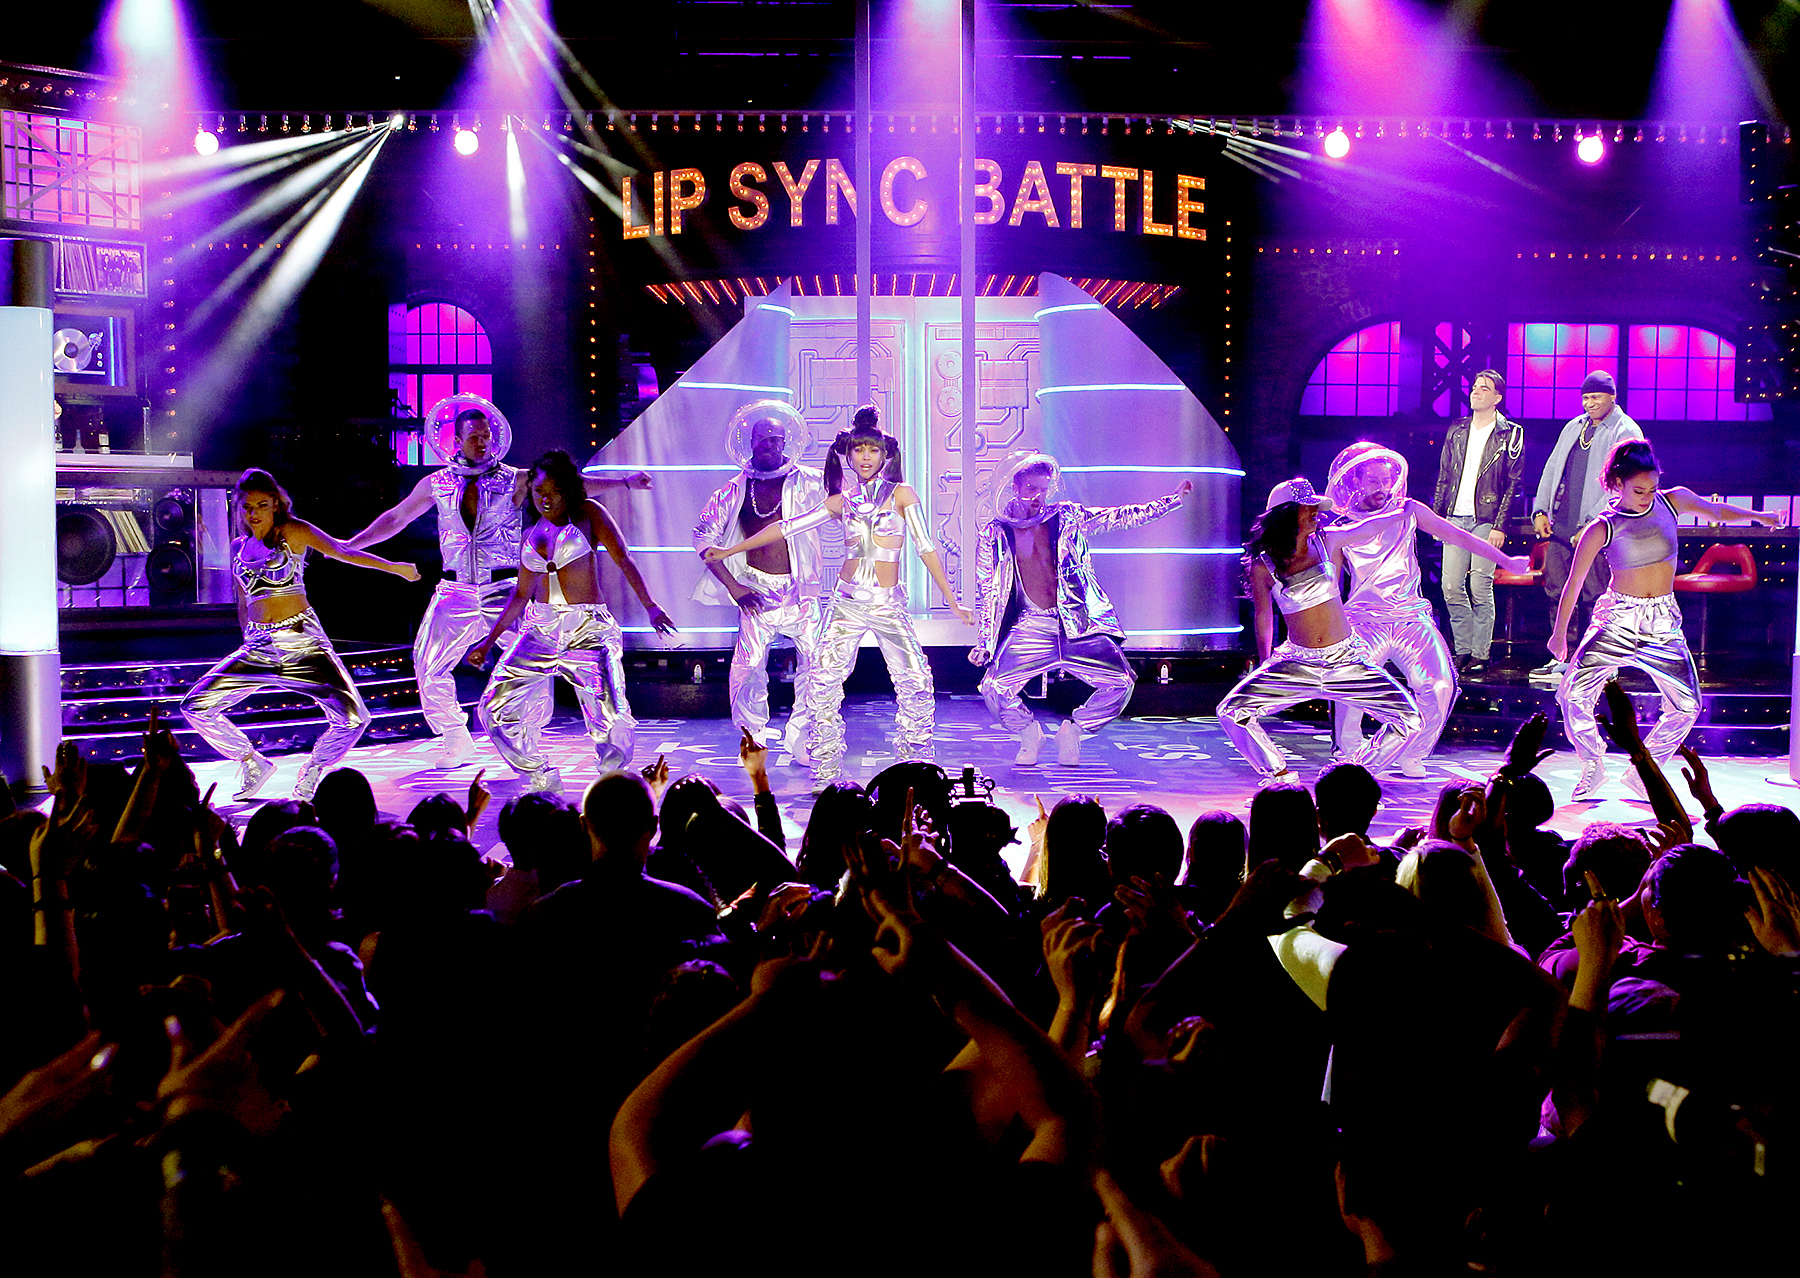 Zoe Saldana on 'Lip Sync Battle'